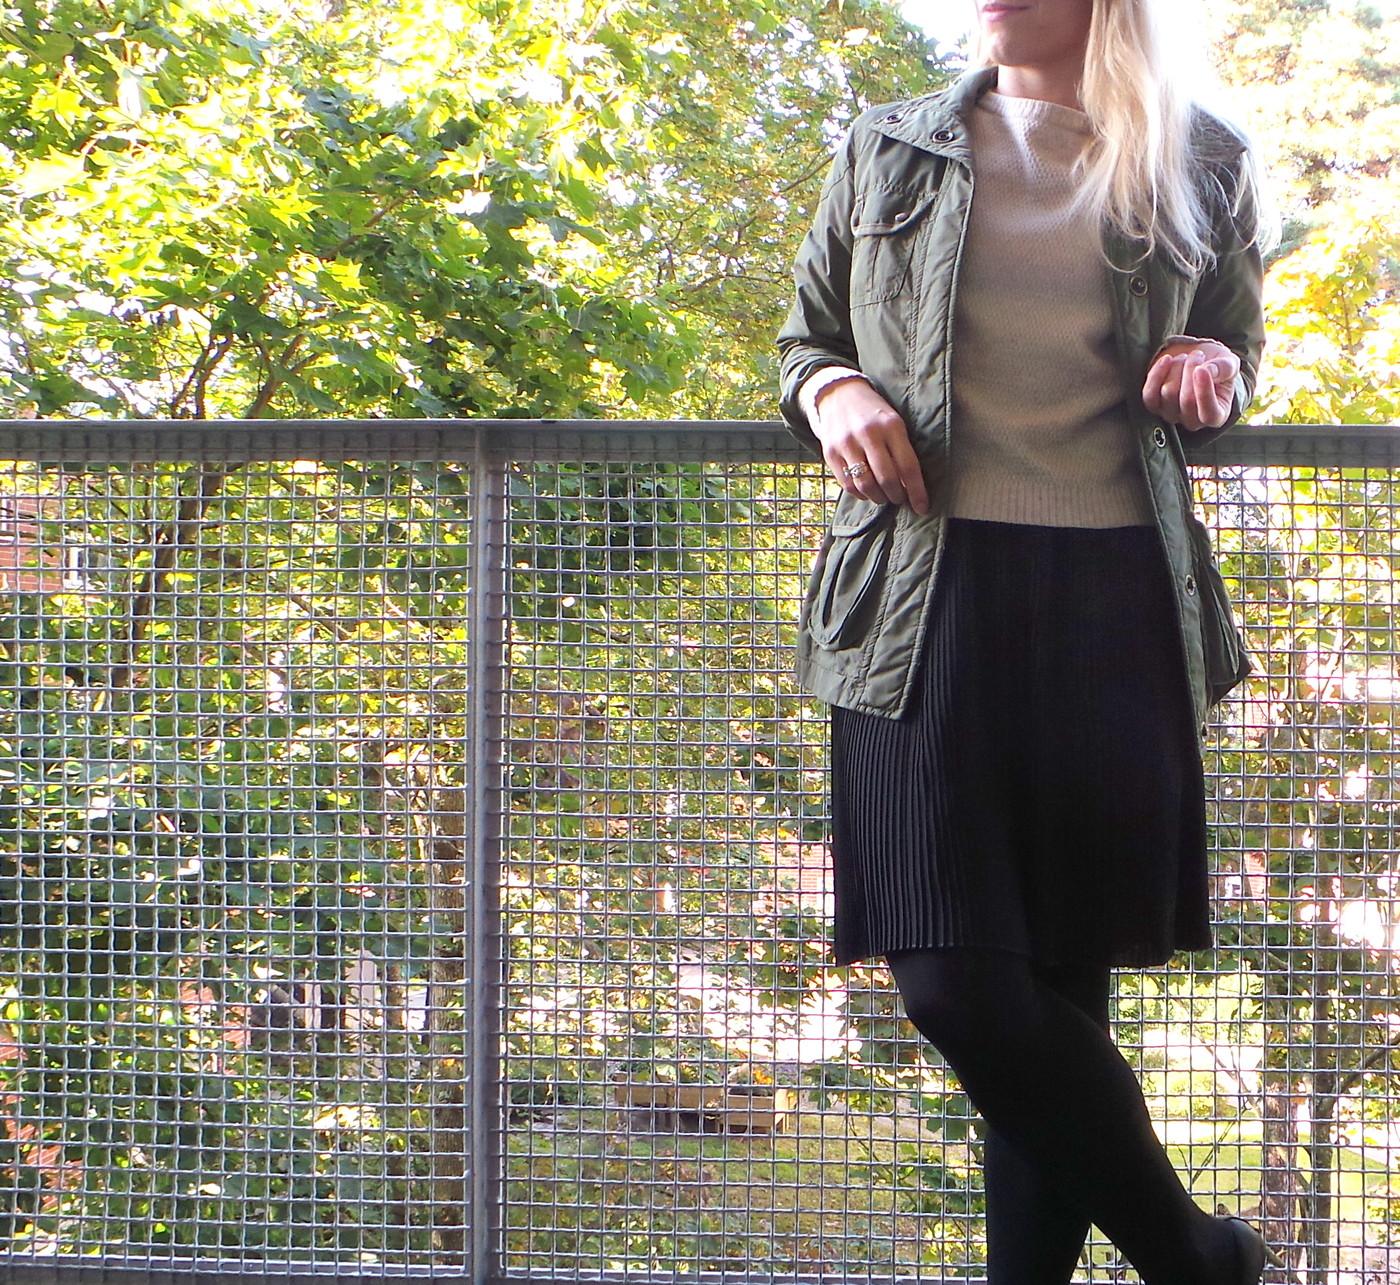 04/09/2013: Pleated skirt & Military jacket